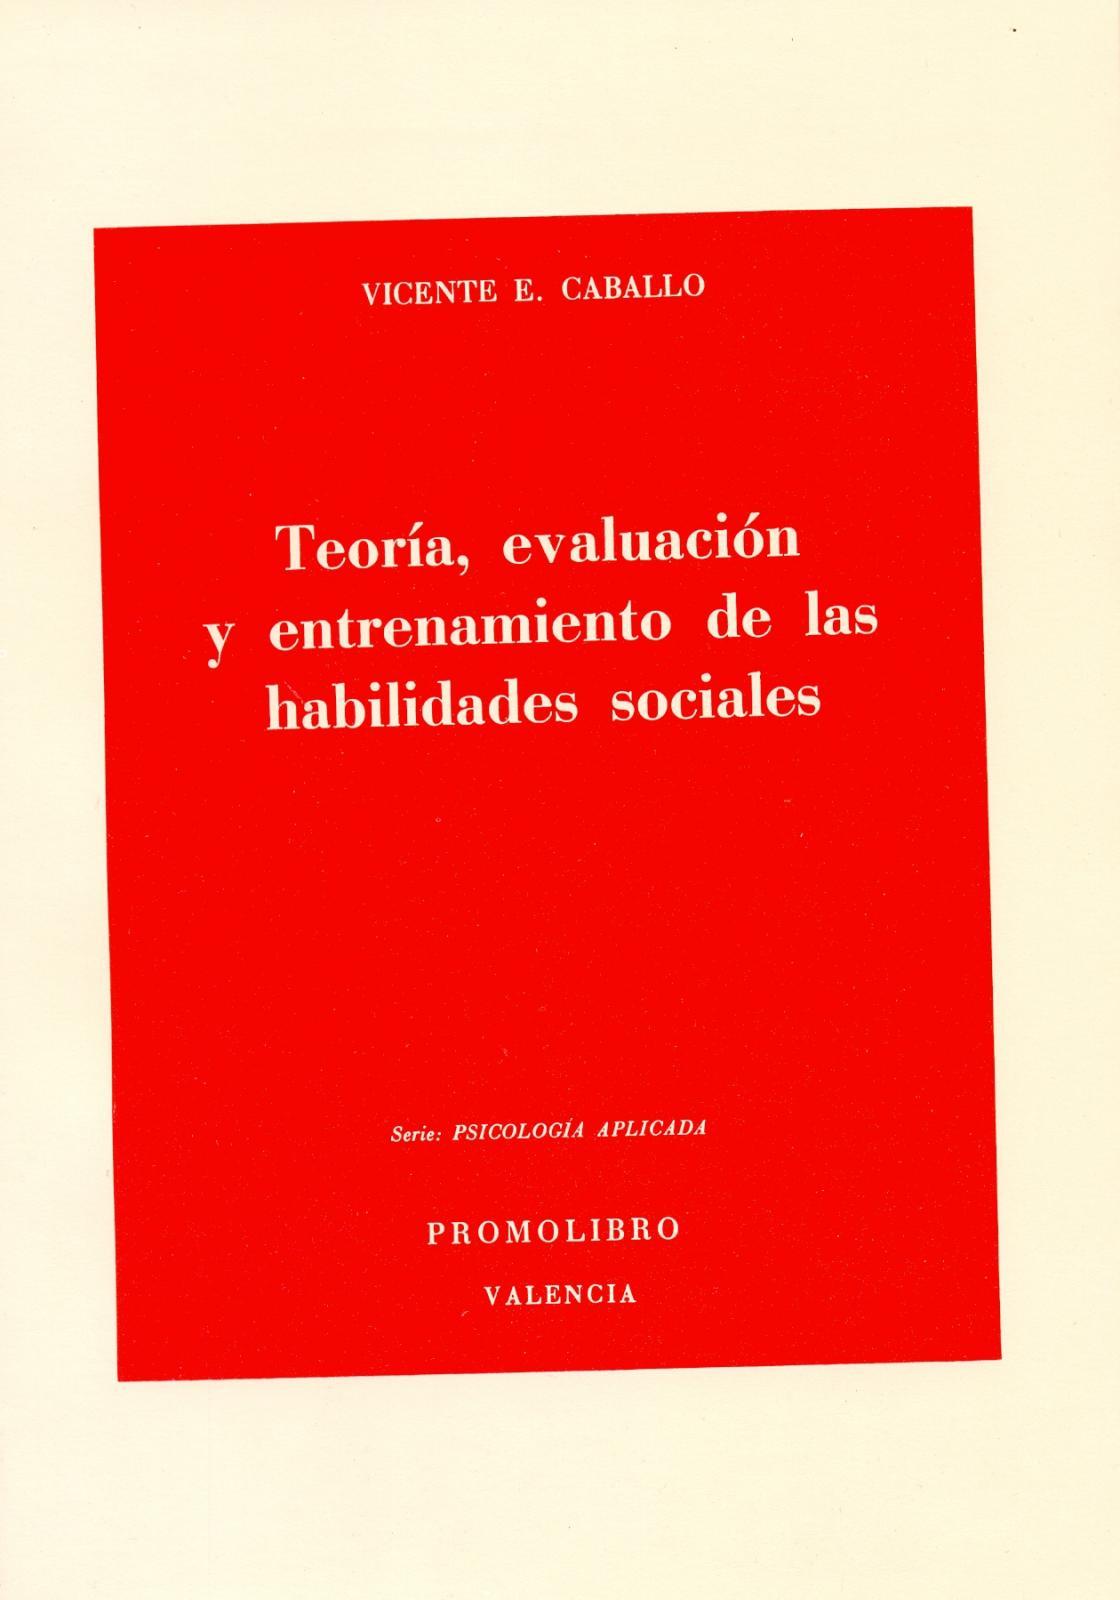 TEORÍA, EVALUACIÓN Y ENTRENAMIENTO DE LAS HABILIDADES SOCIALES